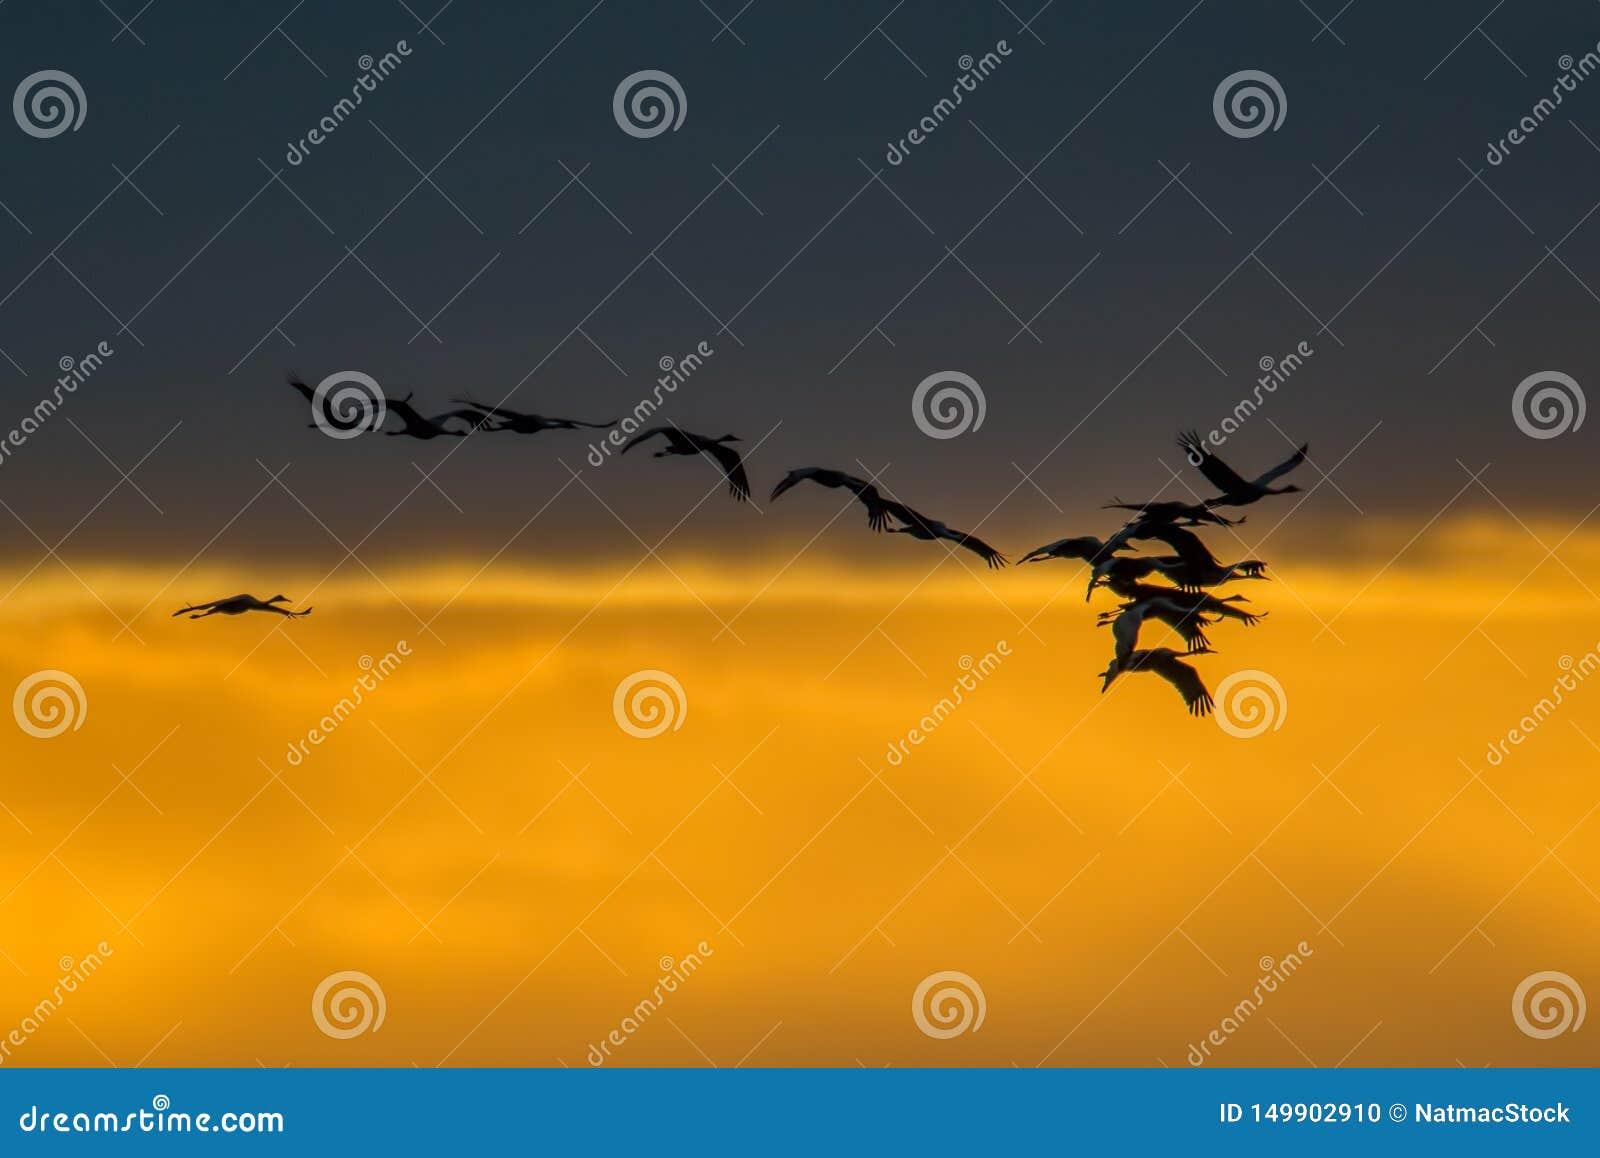 Σκιαγραφία γερανών Sandhill αναδρομικά φωτισμένη κατά την πτήση με το χρυσό κίτρινο και πορτοκαλή ουρανό και σύννεφα στο σούρουπο